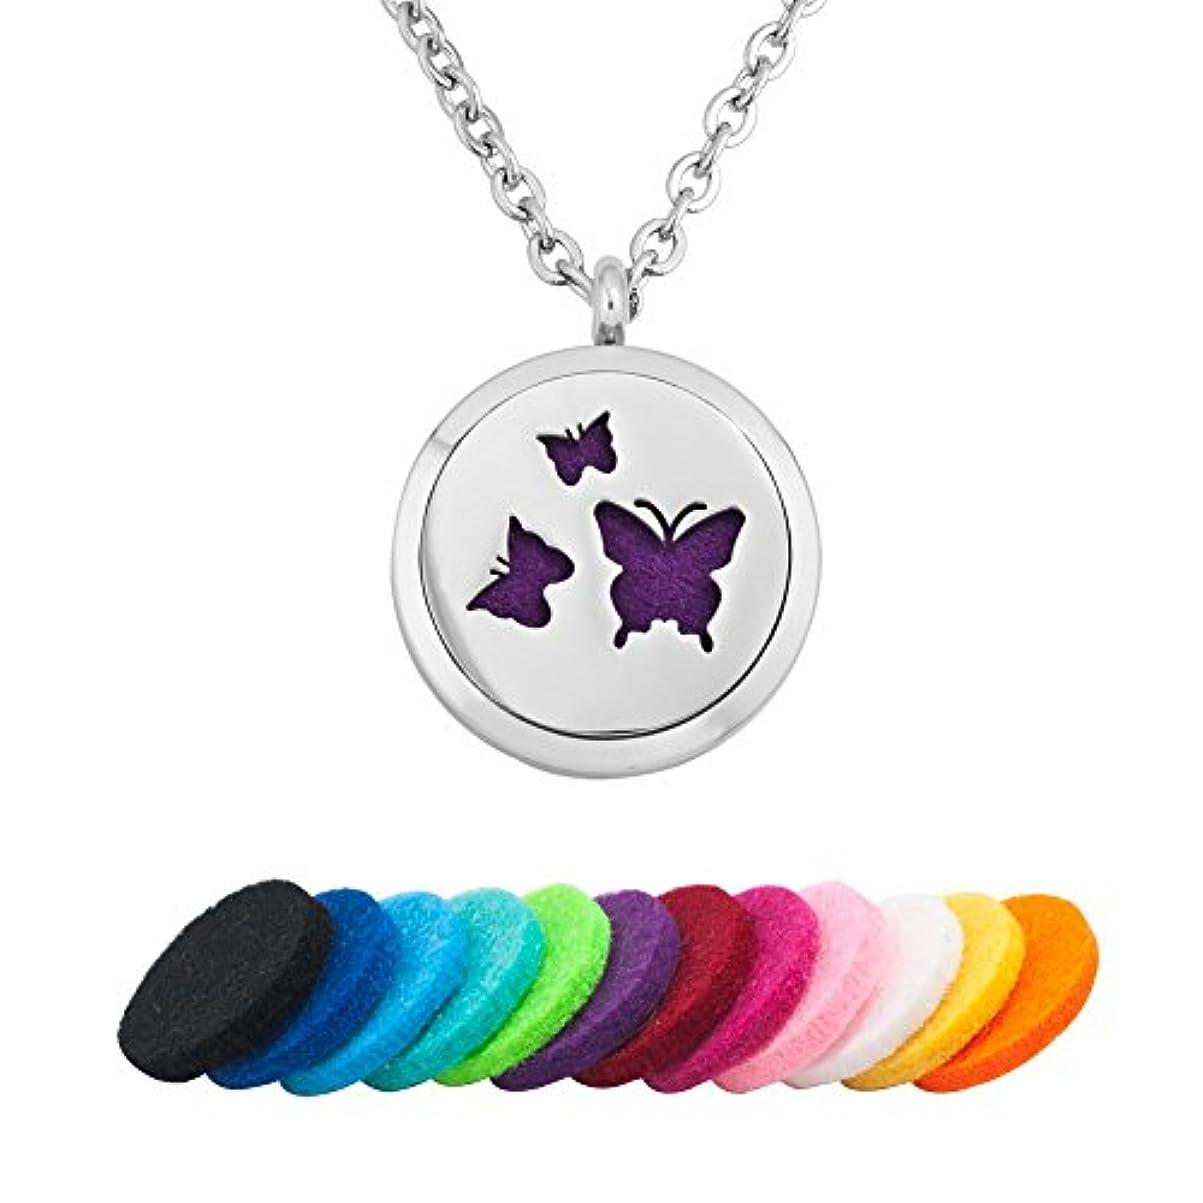 予言する聴覚良さdemijewelry Aromatherapy Essential Oil Diffuserネックレスロケットペンダント、12 Refill Pads